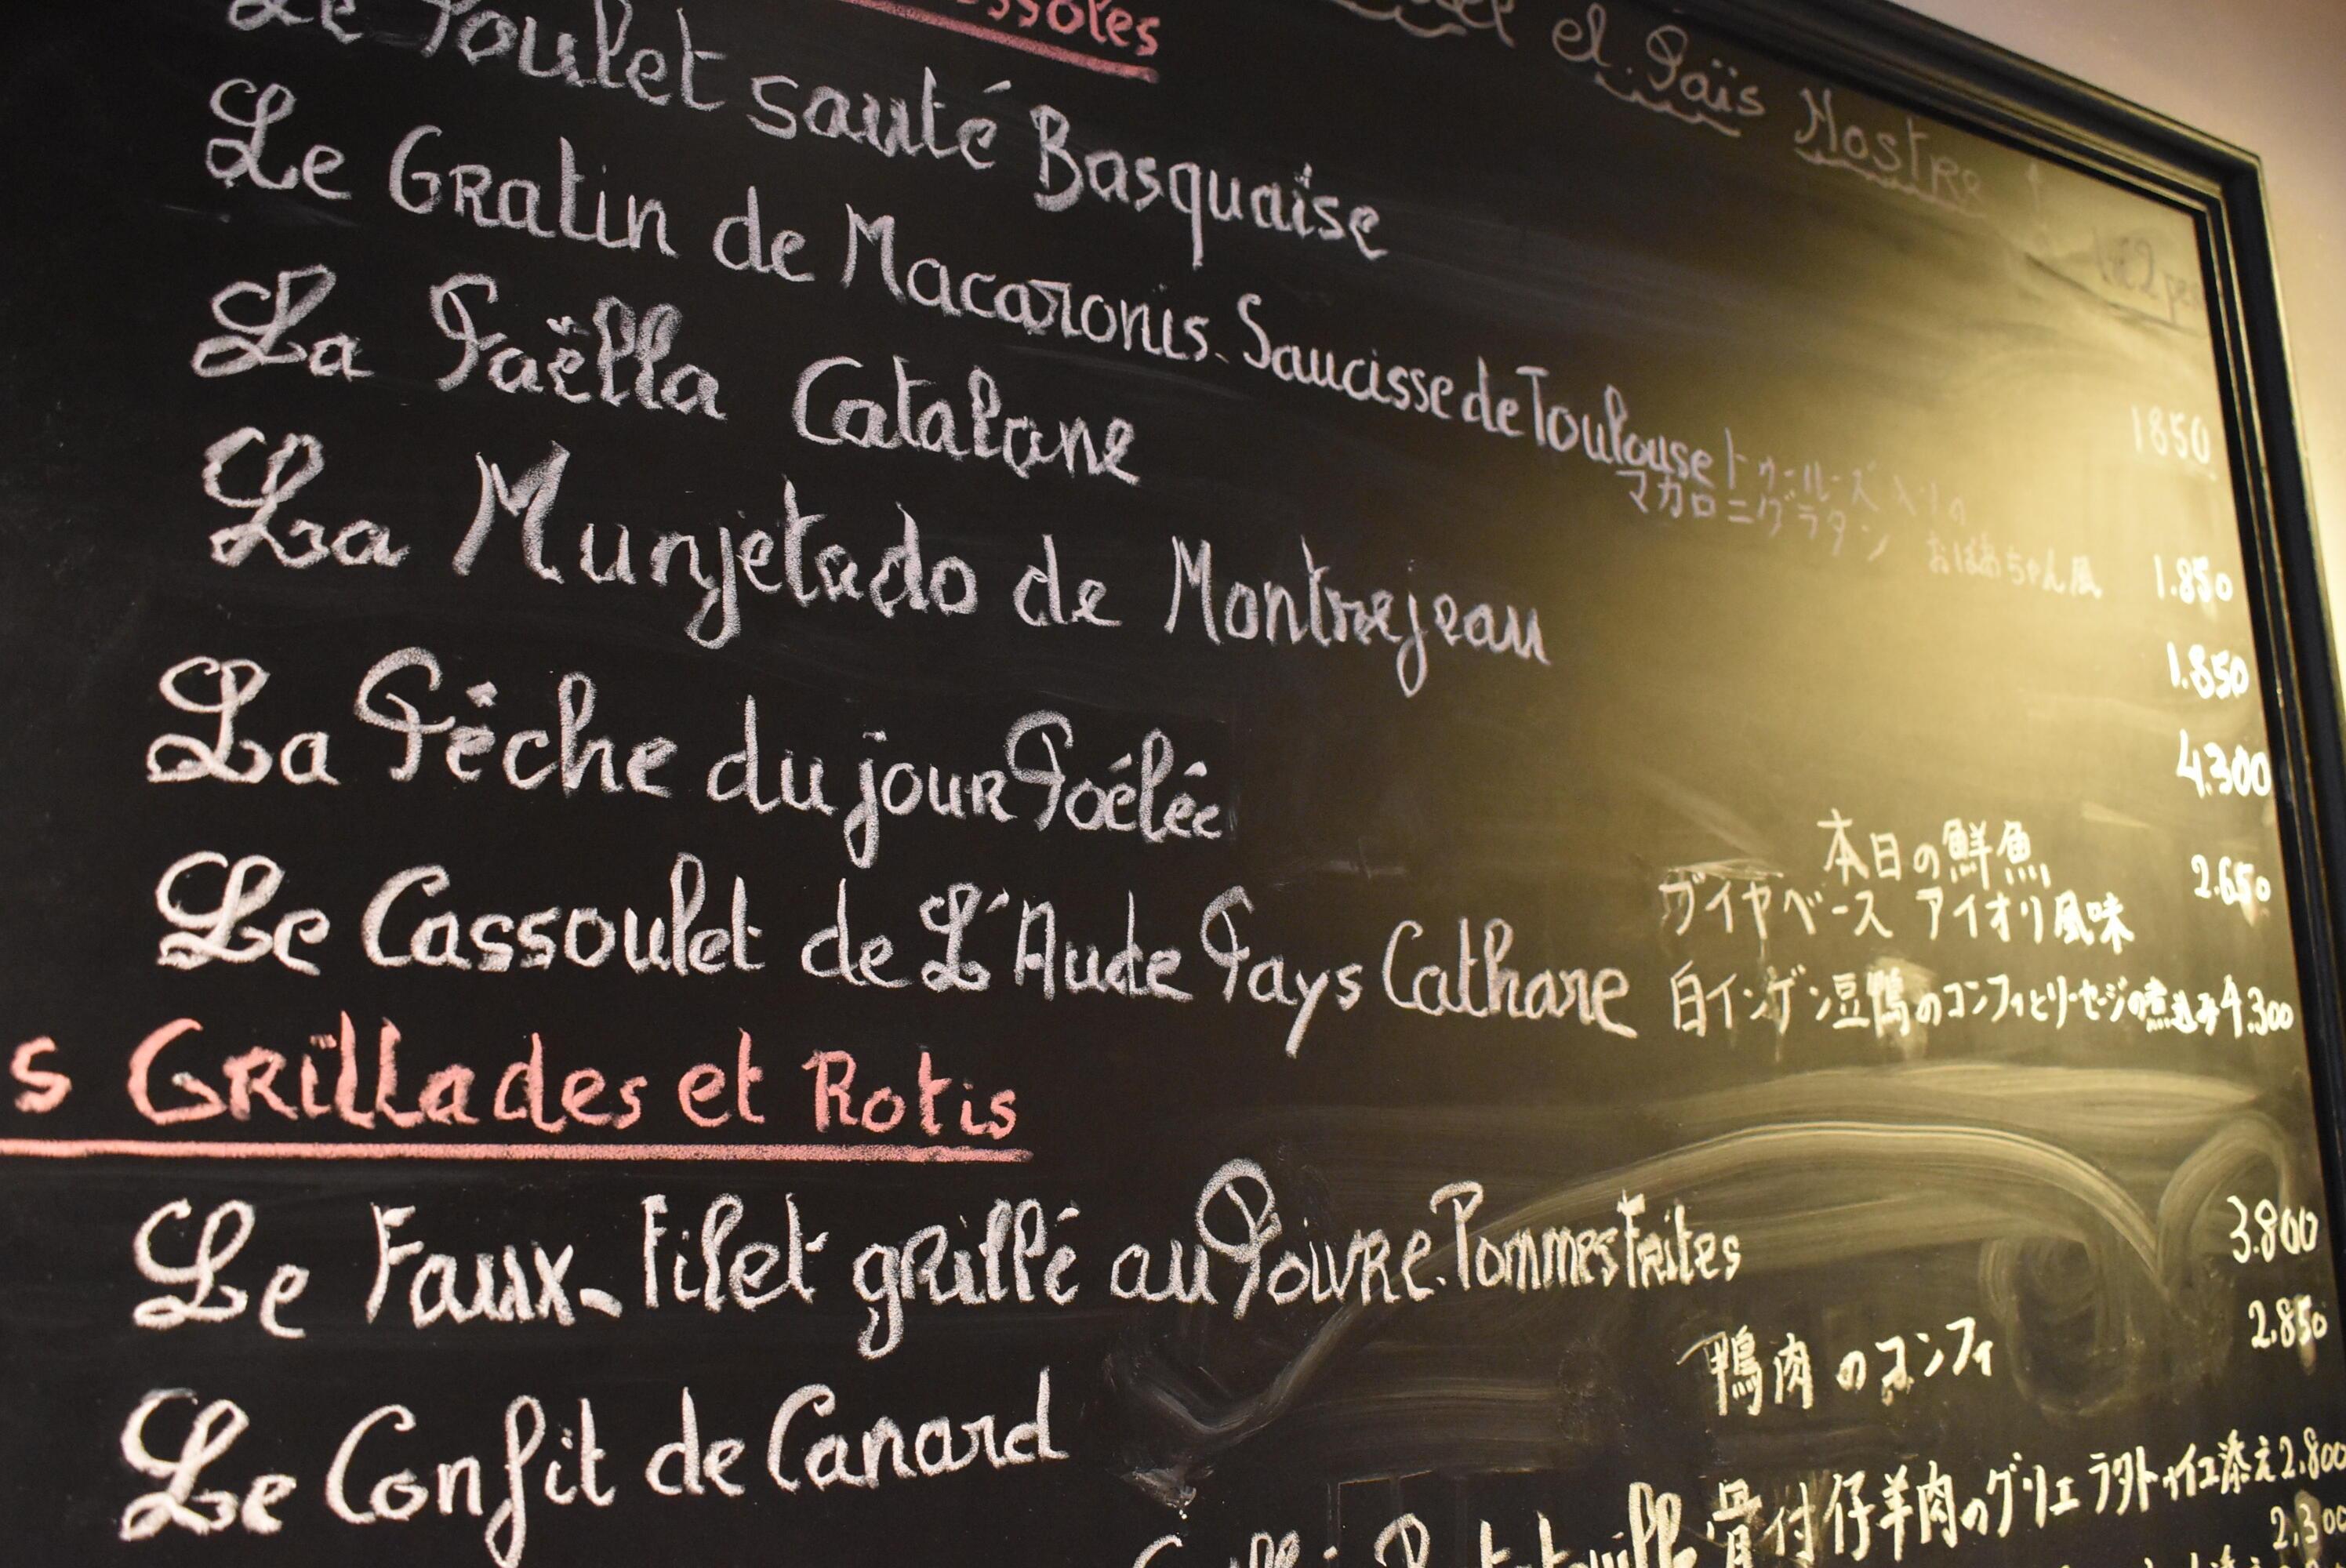 「カスレ(Cassoulet)」という単語が書かれた、レストラン「コントワール・オクシタン」の黒板